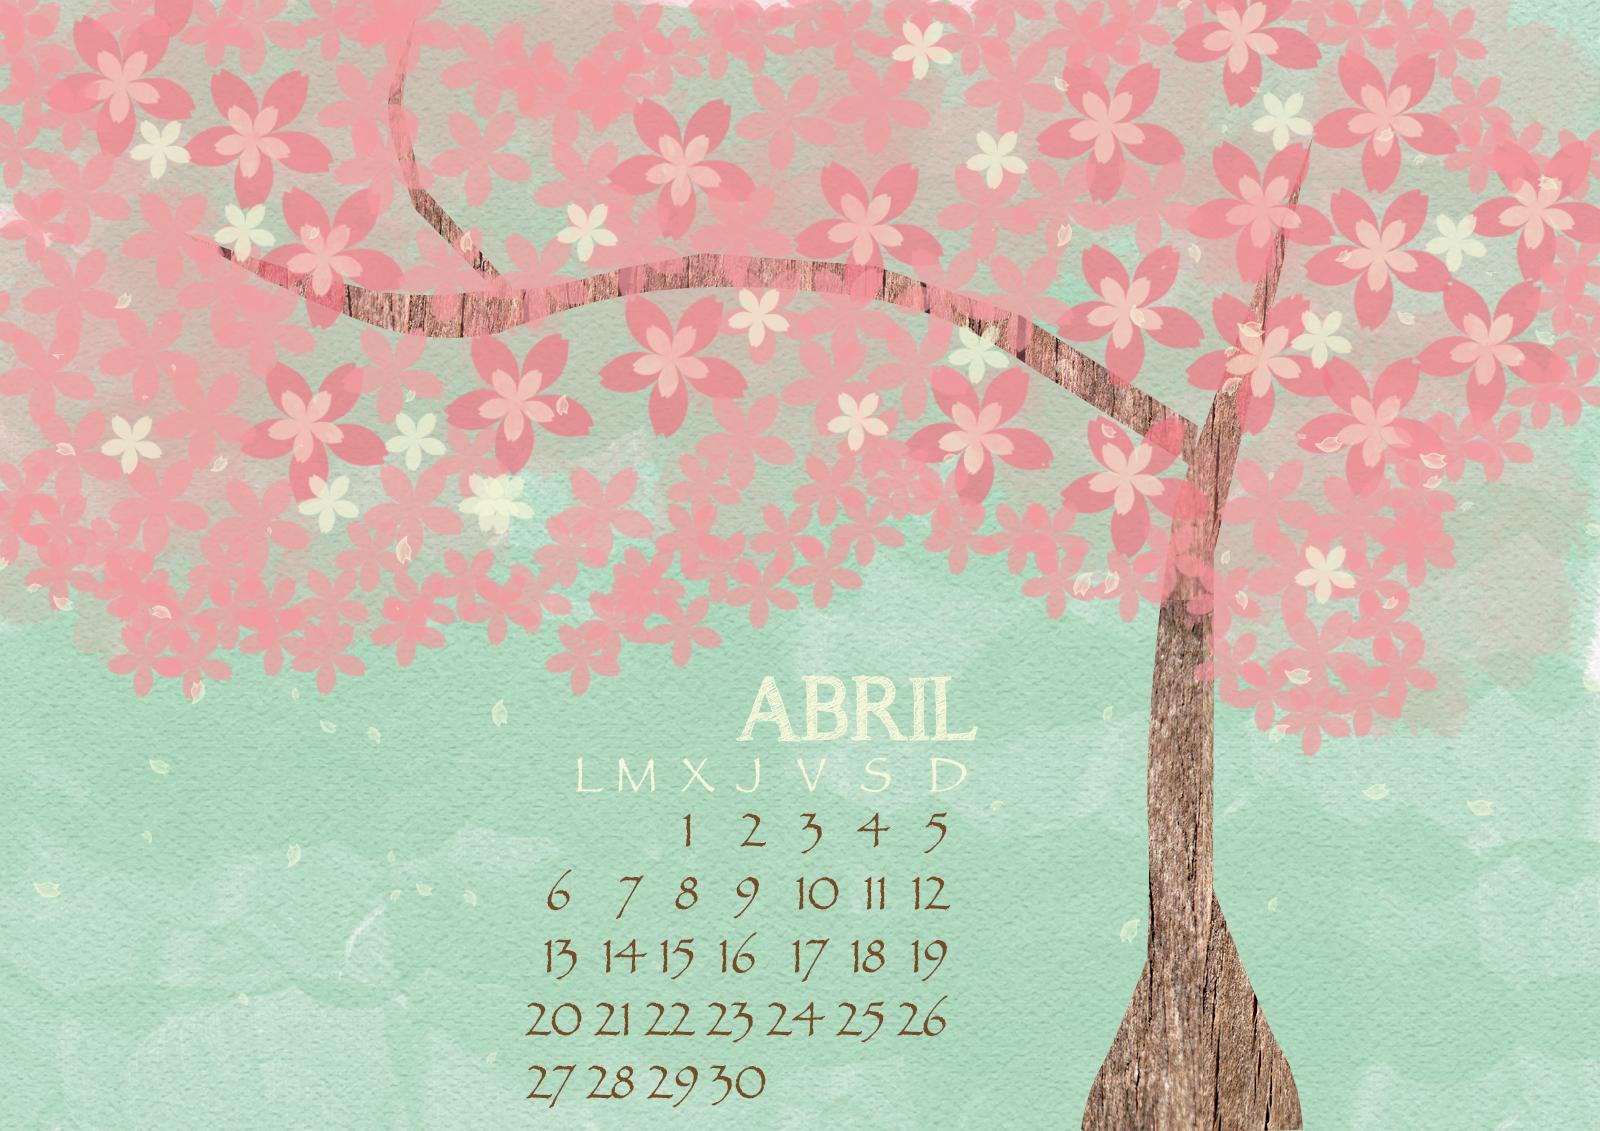 Calendario abril fondo de escritorio me inspiro for Buscar fondos de escritorio